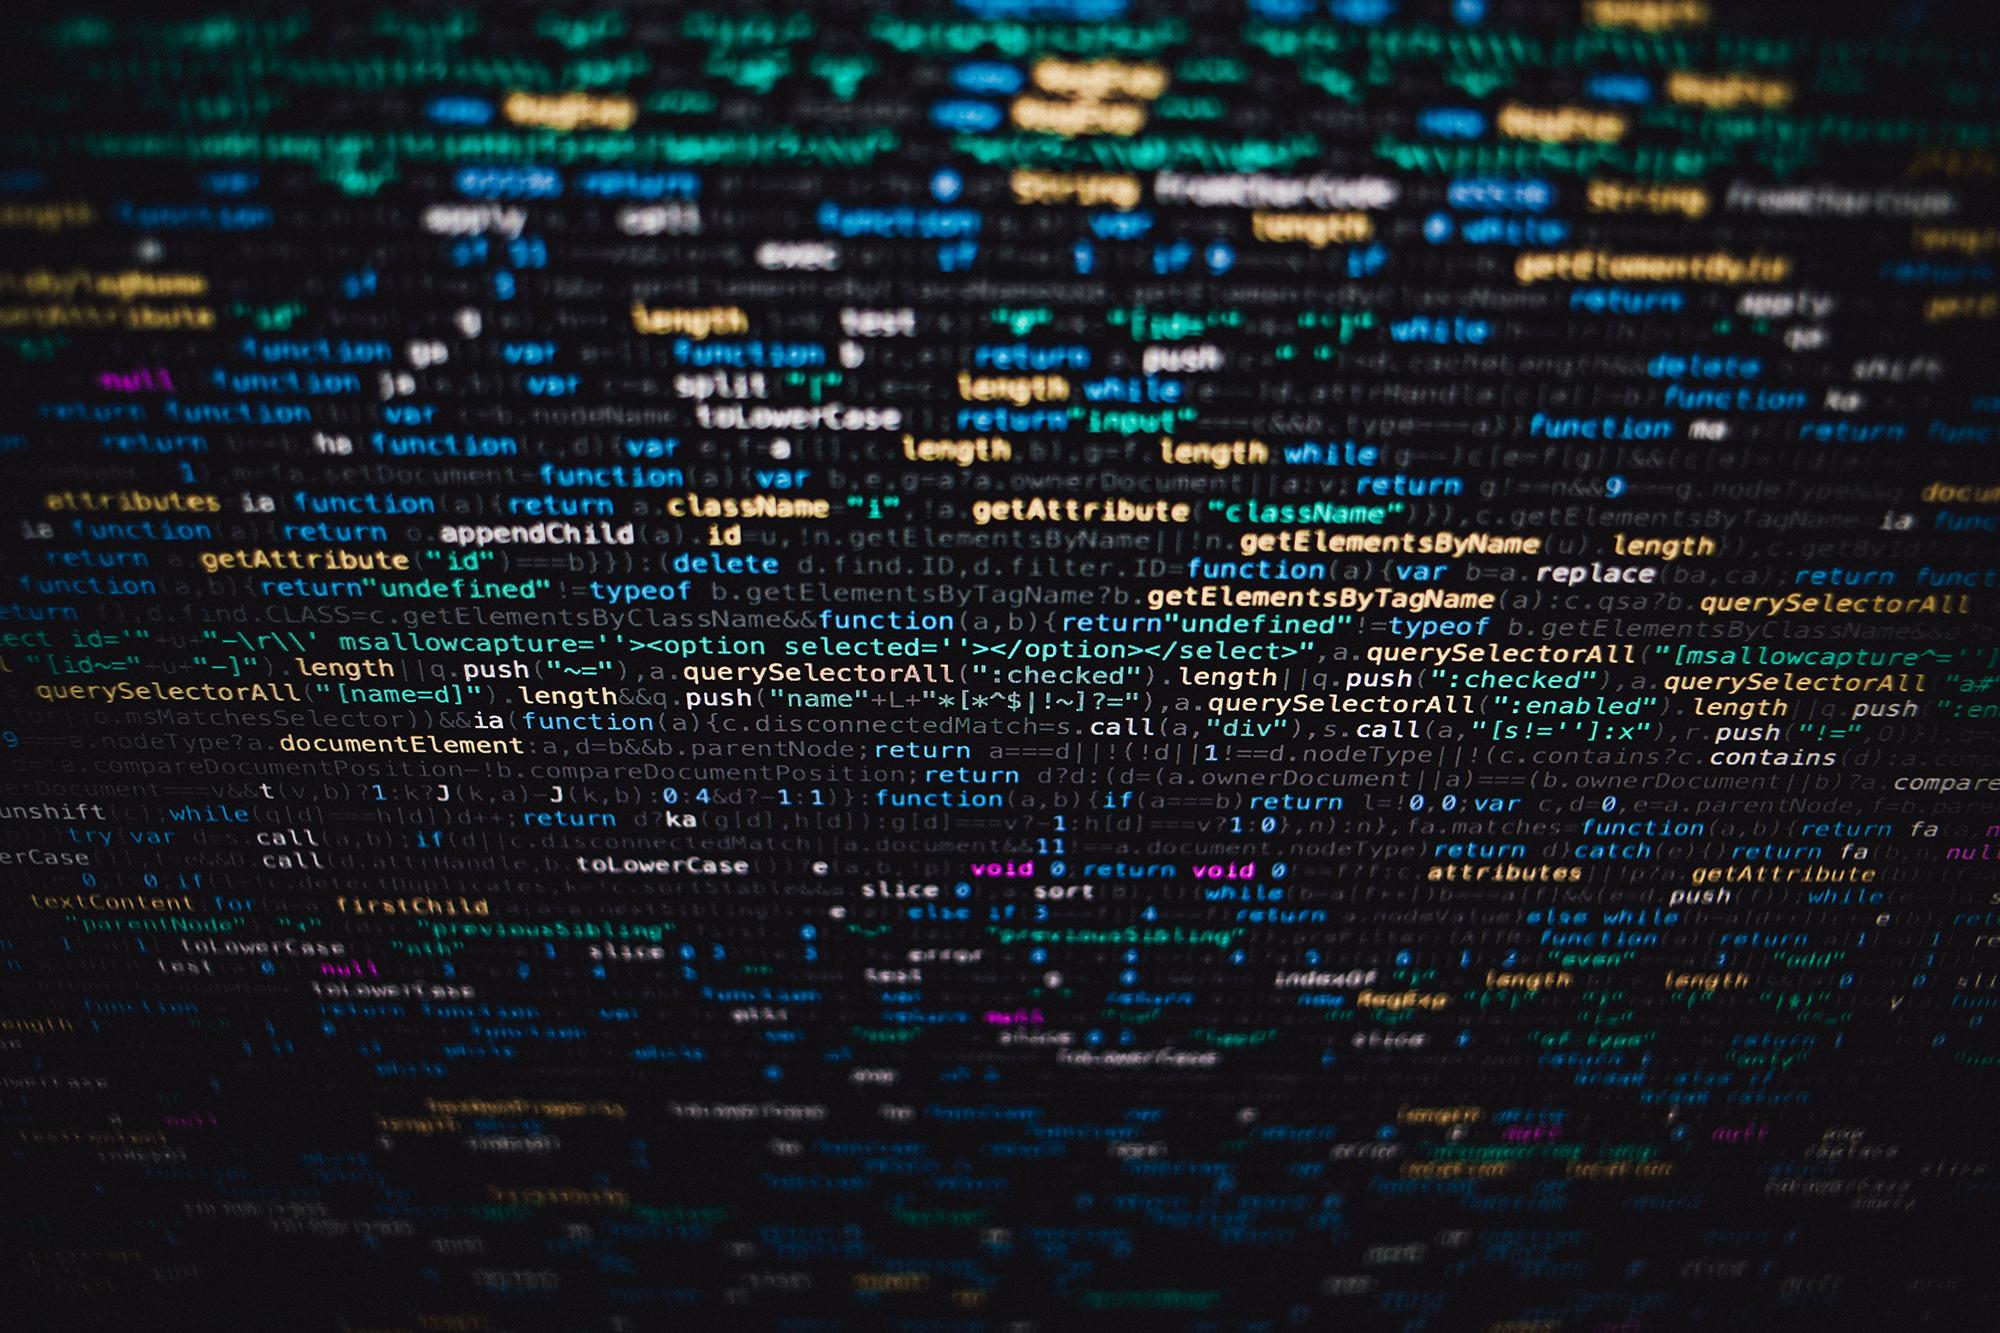 La trampa de los creadores de páginas web